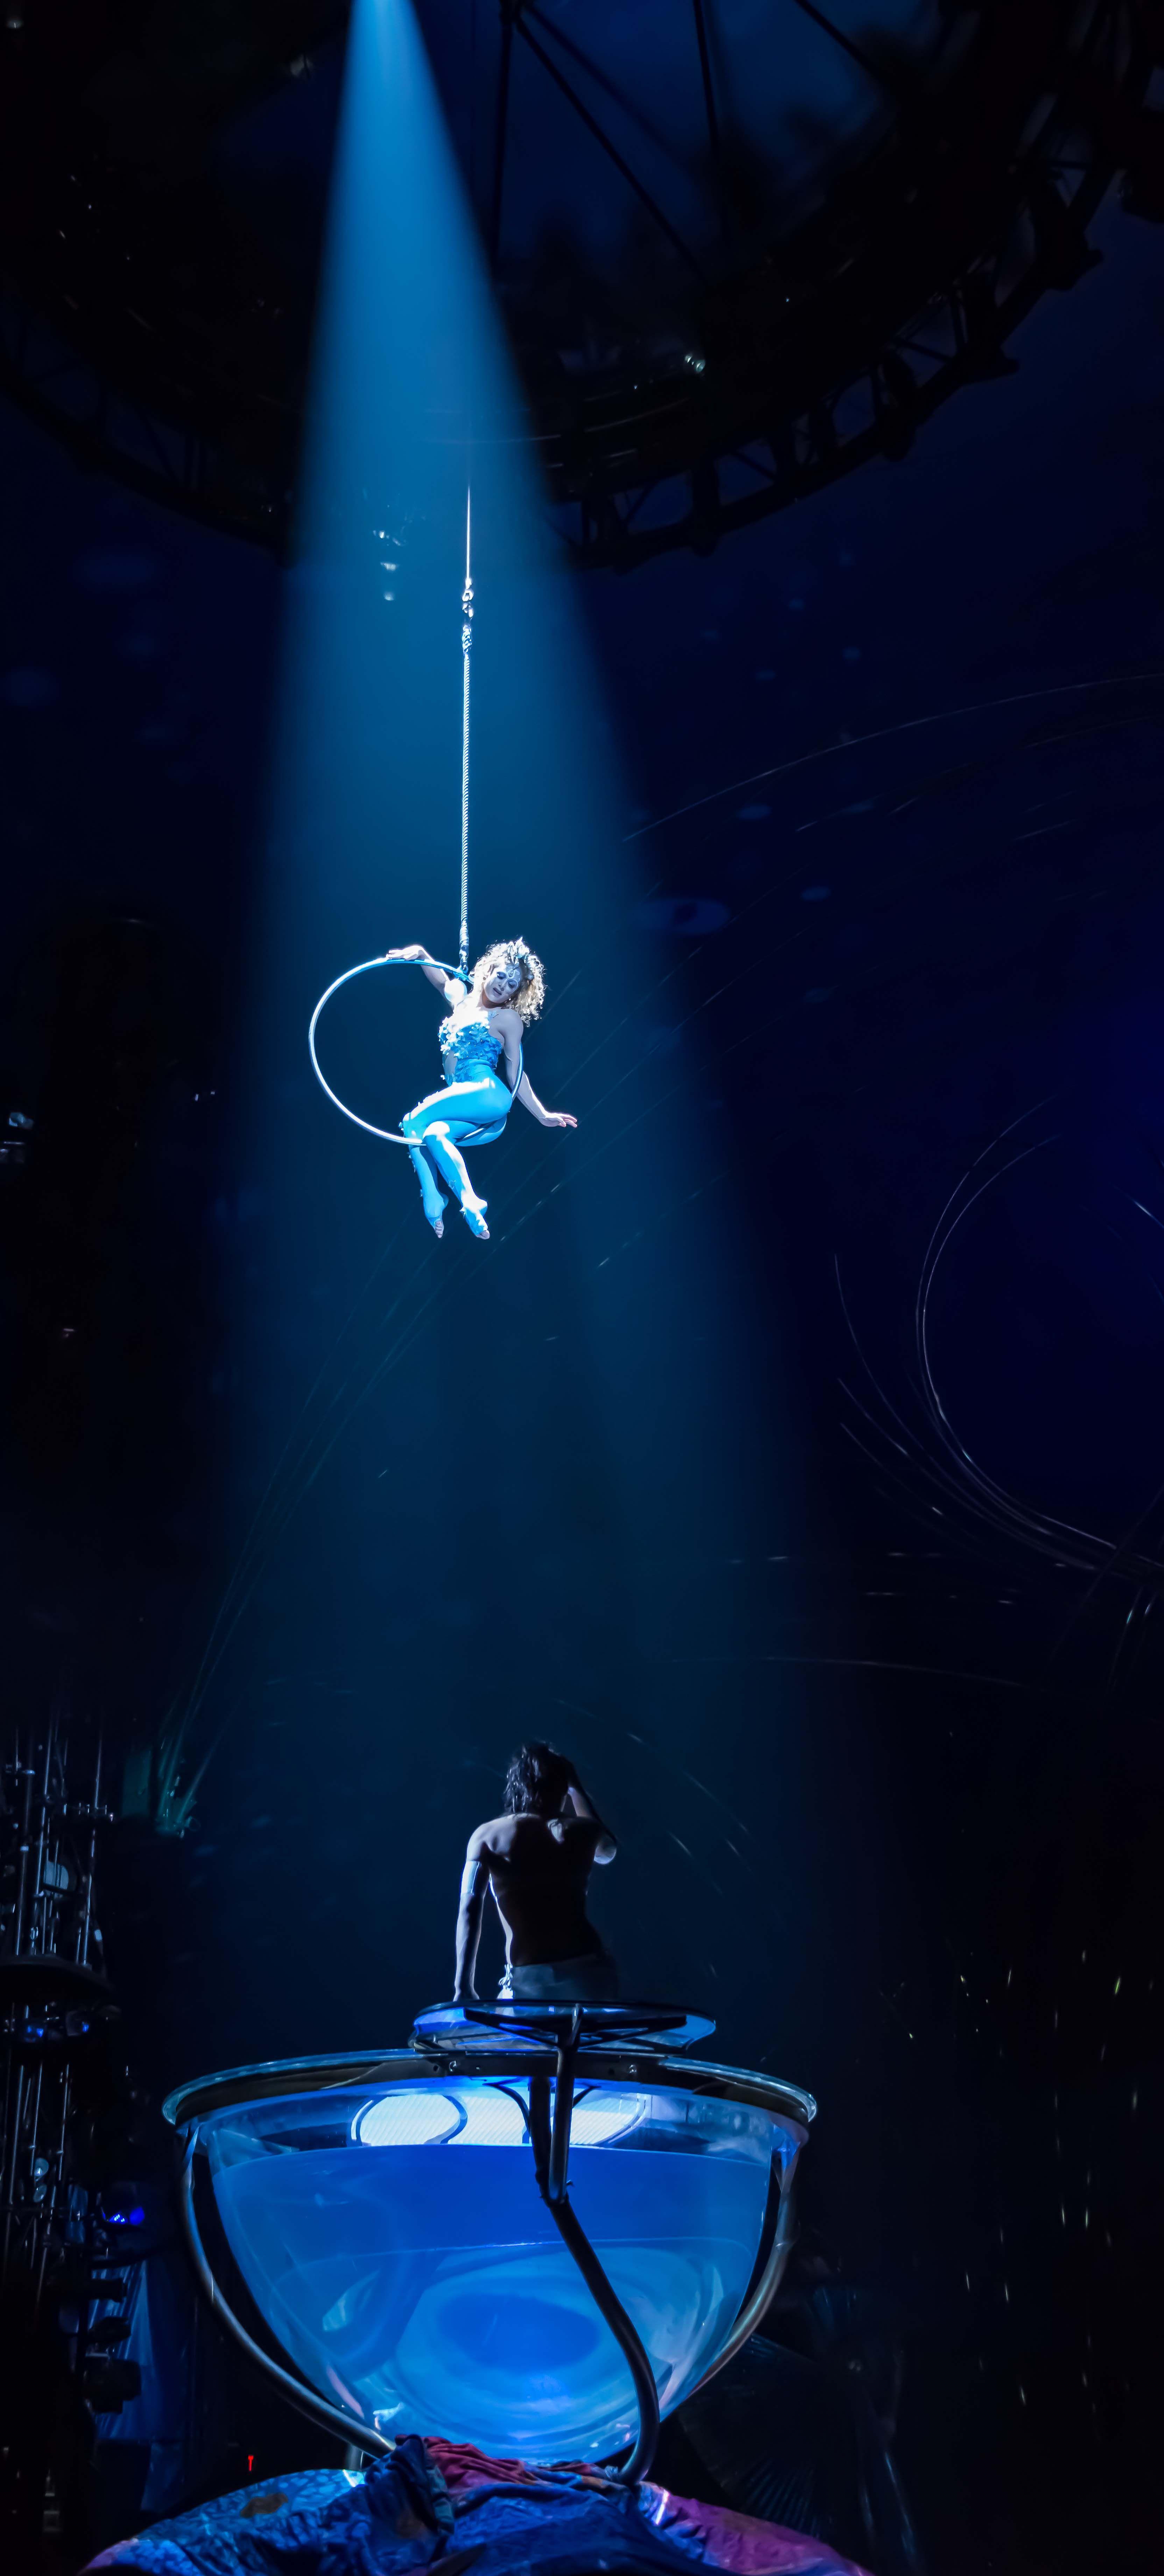 La tendencia más contemporánea del Aro trata de fusionar la danza y expresión corporal con la vistosidad y elegancia de esta técnica aérea que puede realizarse de forma individual, en pareja o sincronizada.